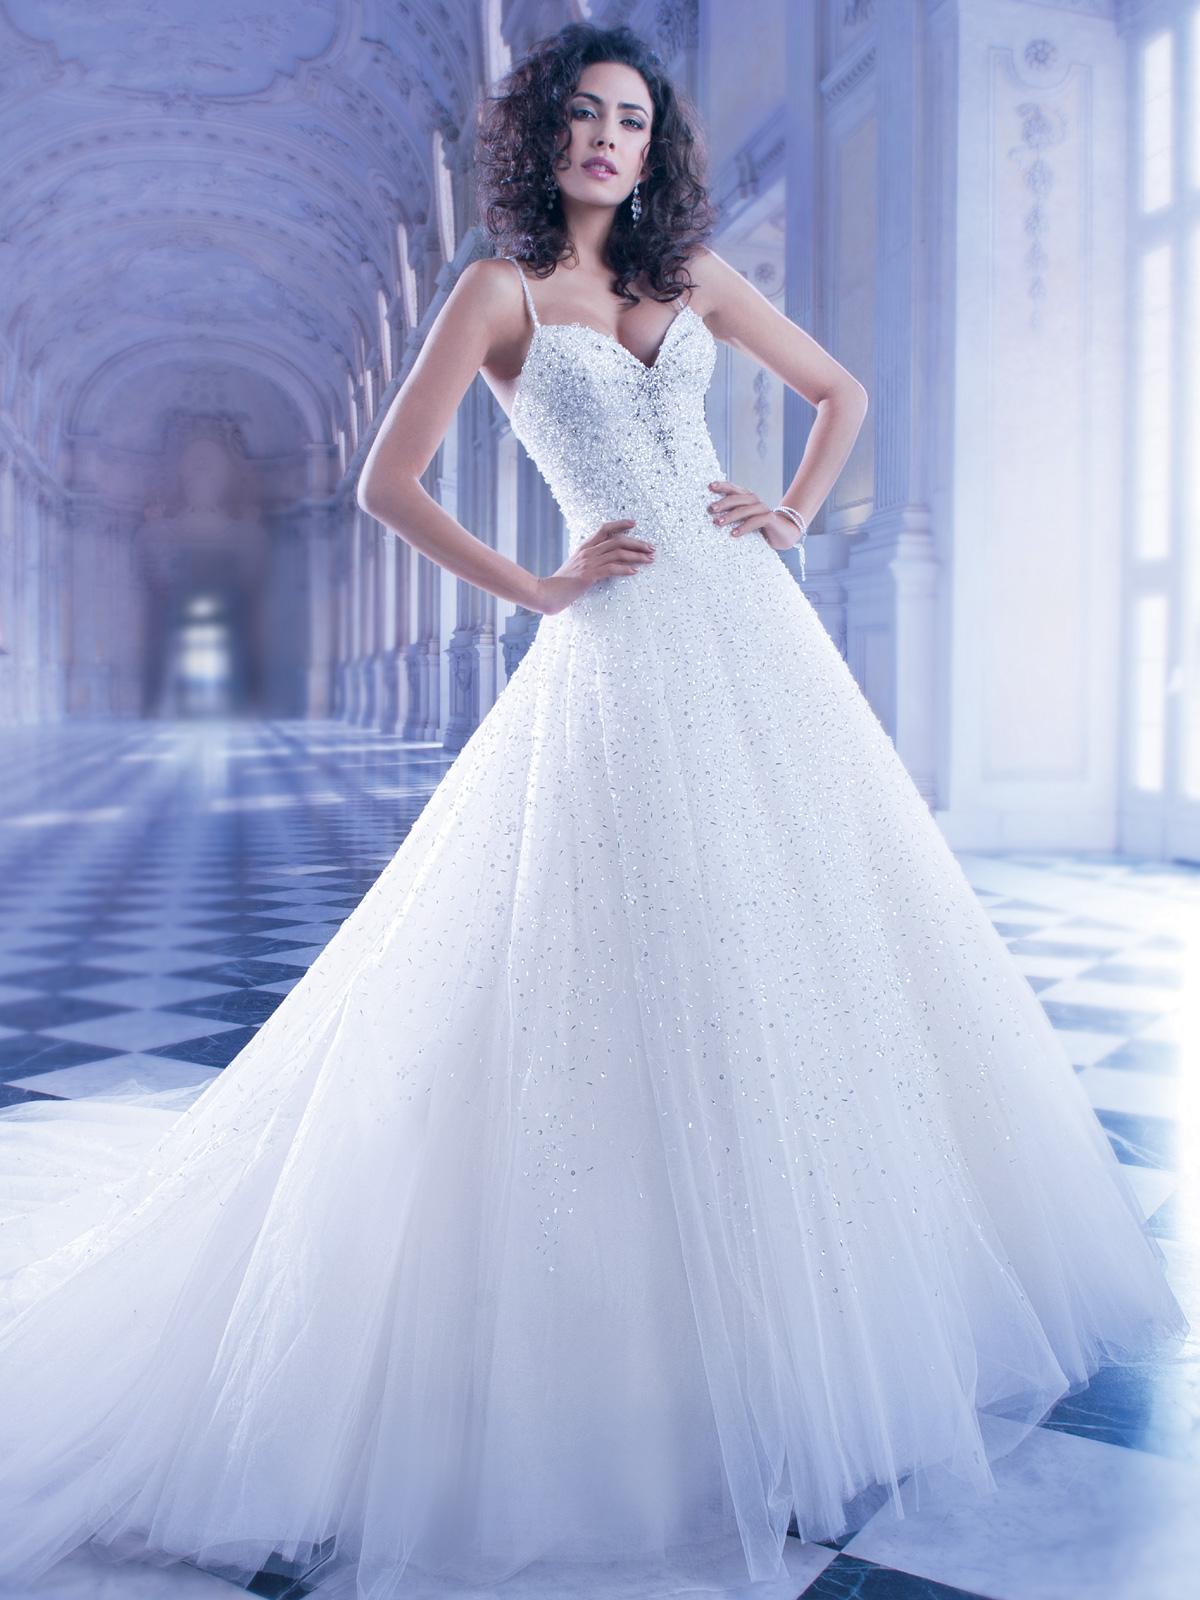 Vestido de Noiva em tule decote princesa e alças finas, com bordado estilo cascata com pedrarias e cristais, mais concentrado no corpo e suavizando na saia, corselet eleve cauda.